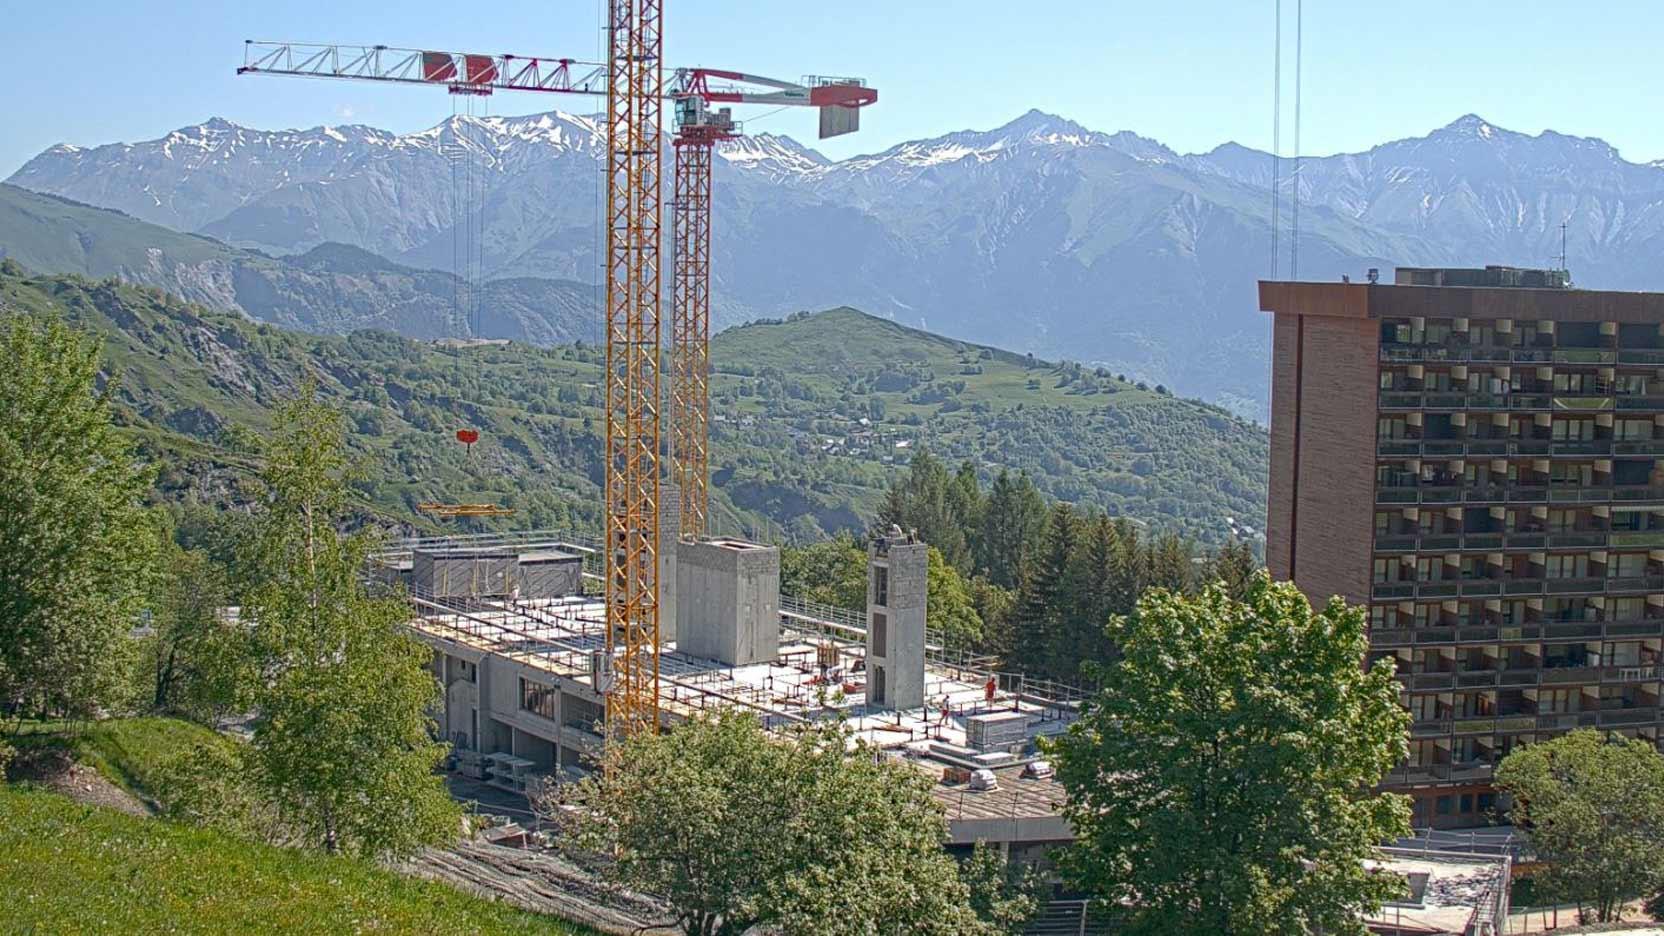 À peine sortis du confinement, le groupe Maulin.ski et Ossabois posent les modules de la 1ère résidence hôtelière conçue en 100 % modulaire bois dans une station de ski